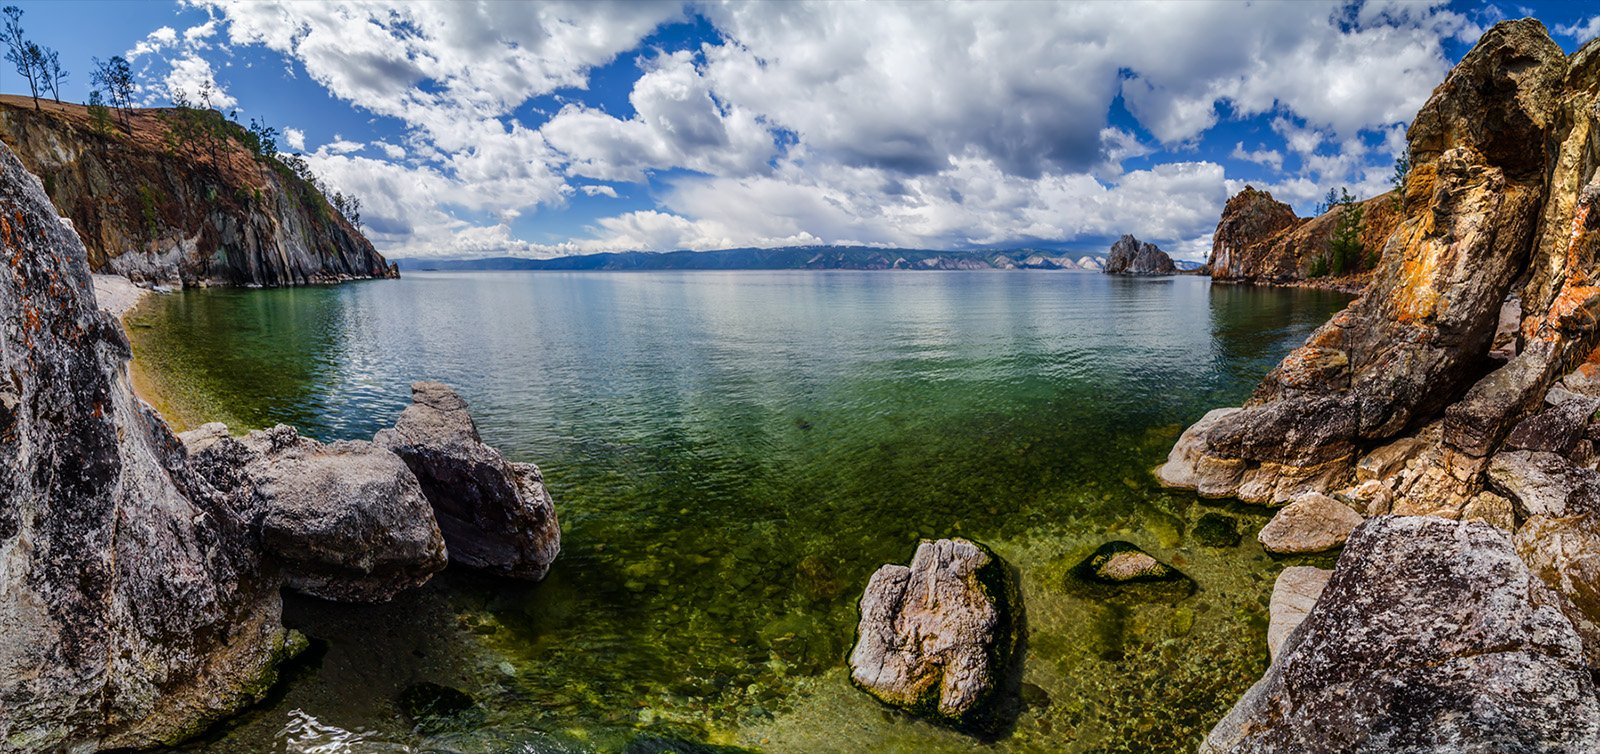 природа, пейзаж, озеро, байкал, сибирь, лето, бухта, остров, ольхон,, Альберт Беляев